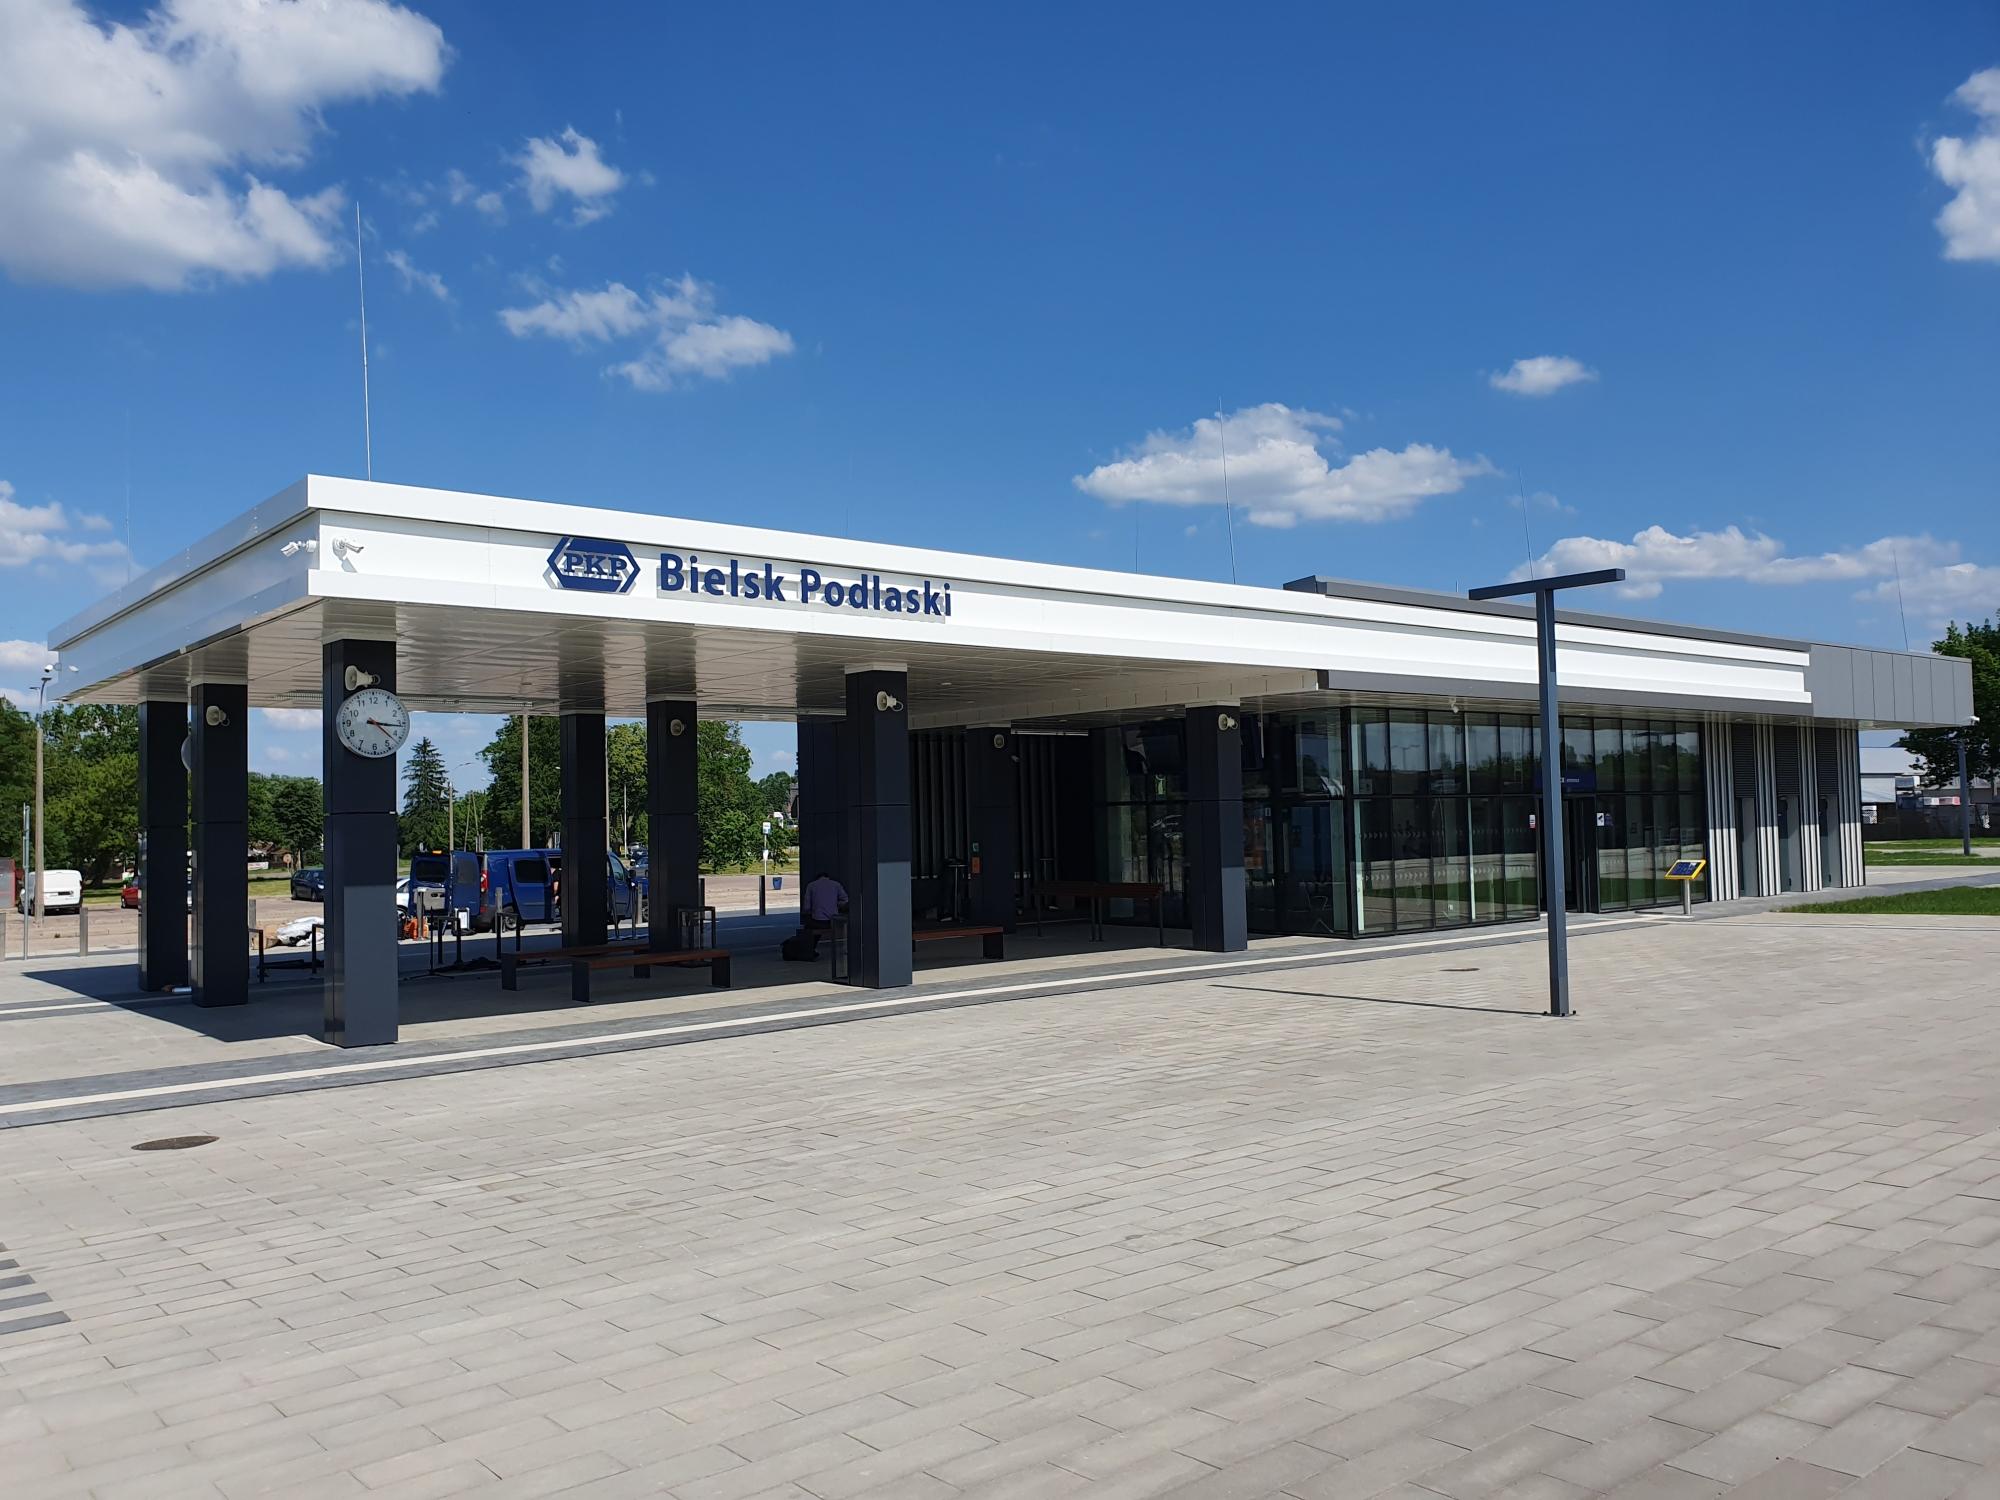 Dworzec w Bielsku Podlaskim